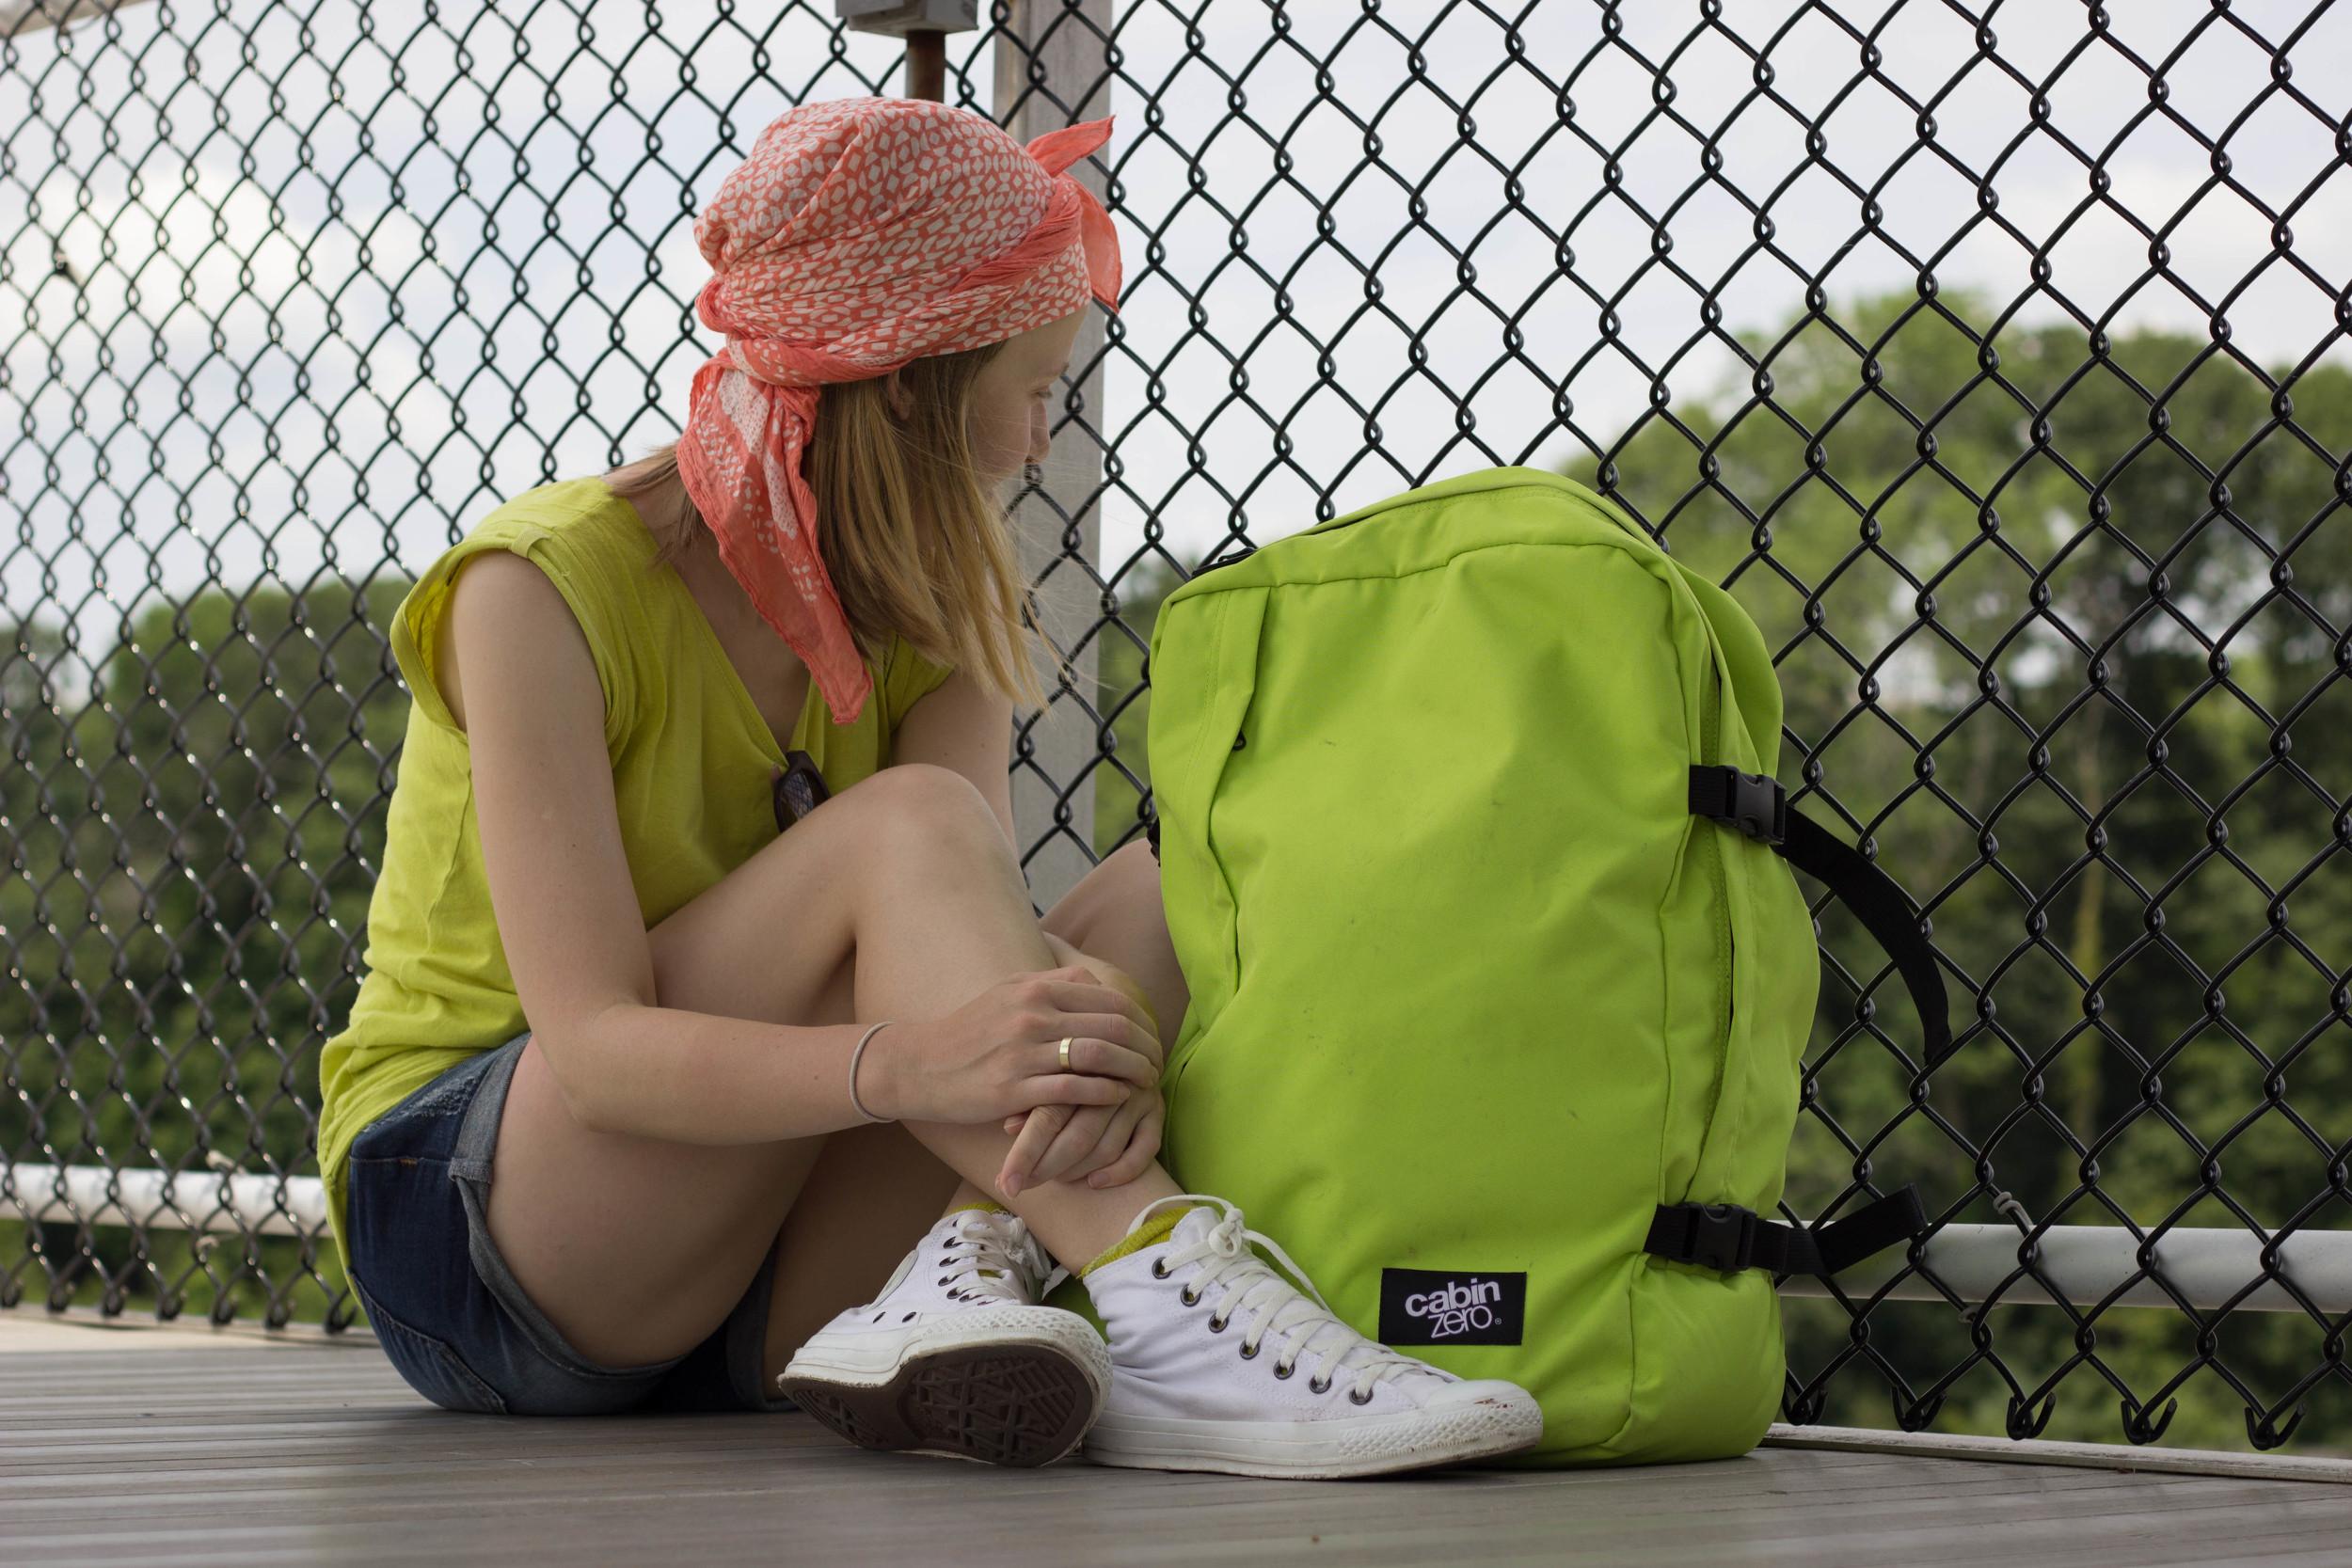 princeton stadium sport tigers backpack converse girl new jersey bike weekend getaway.jpg